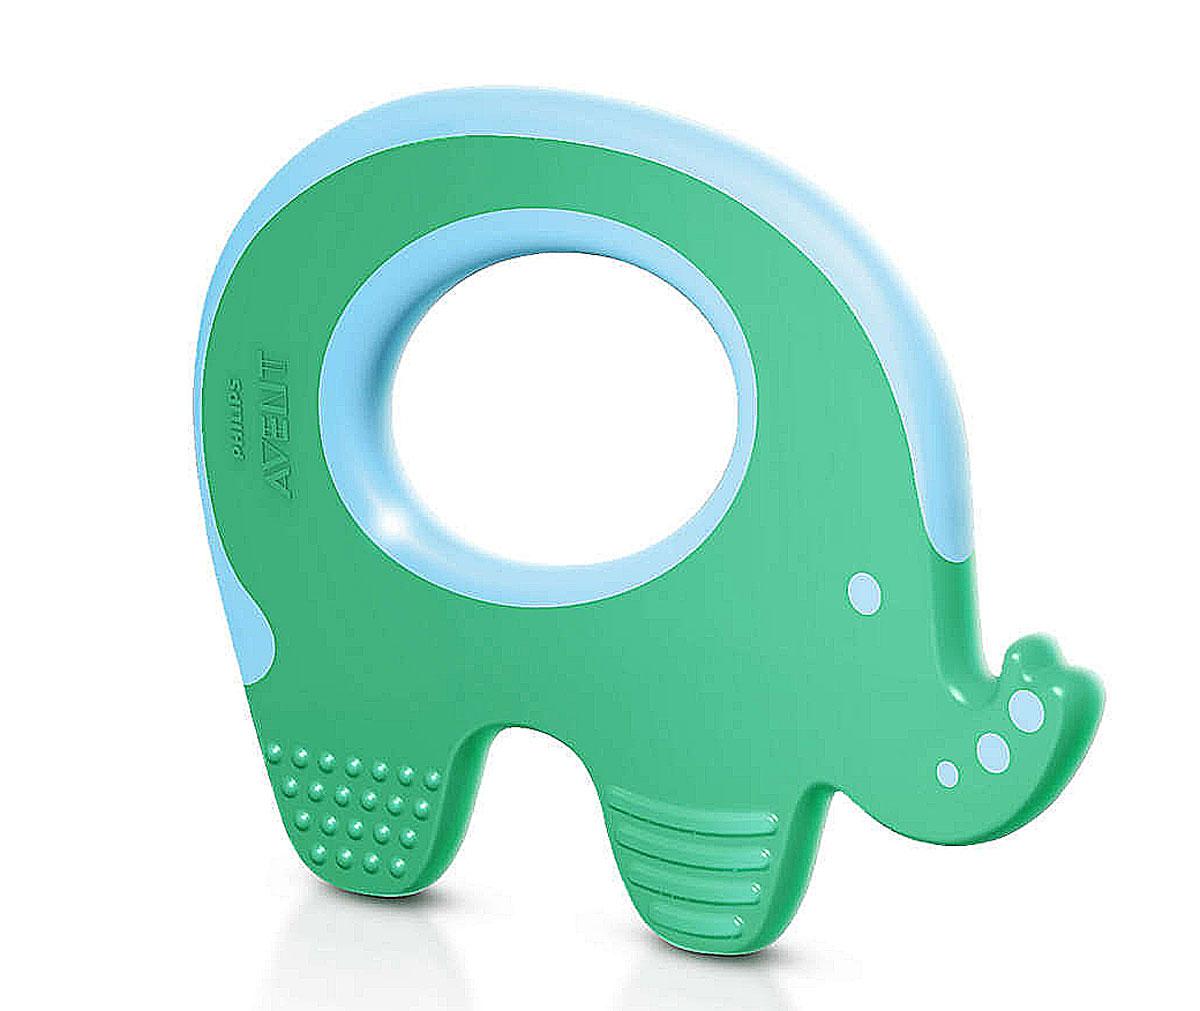 Philips Avent Прорезыватель Слоник SCF199/00SCF199/00Прорезыватель Philips Слоник смягчает боль и массирует десны при прорезывании зубов. Прорезыватель можно охладить в холодильнике - это максимально облегчит боль в деснах у малыша во время прорезывания зубов. Благодаря специальному дизайну и небольшому весу, малышу легко держать изделие в руках. Прорезыватель прост в использовании - ополосните водой или простерилизуйте. Не содержит бисфенол А.